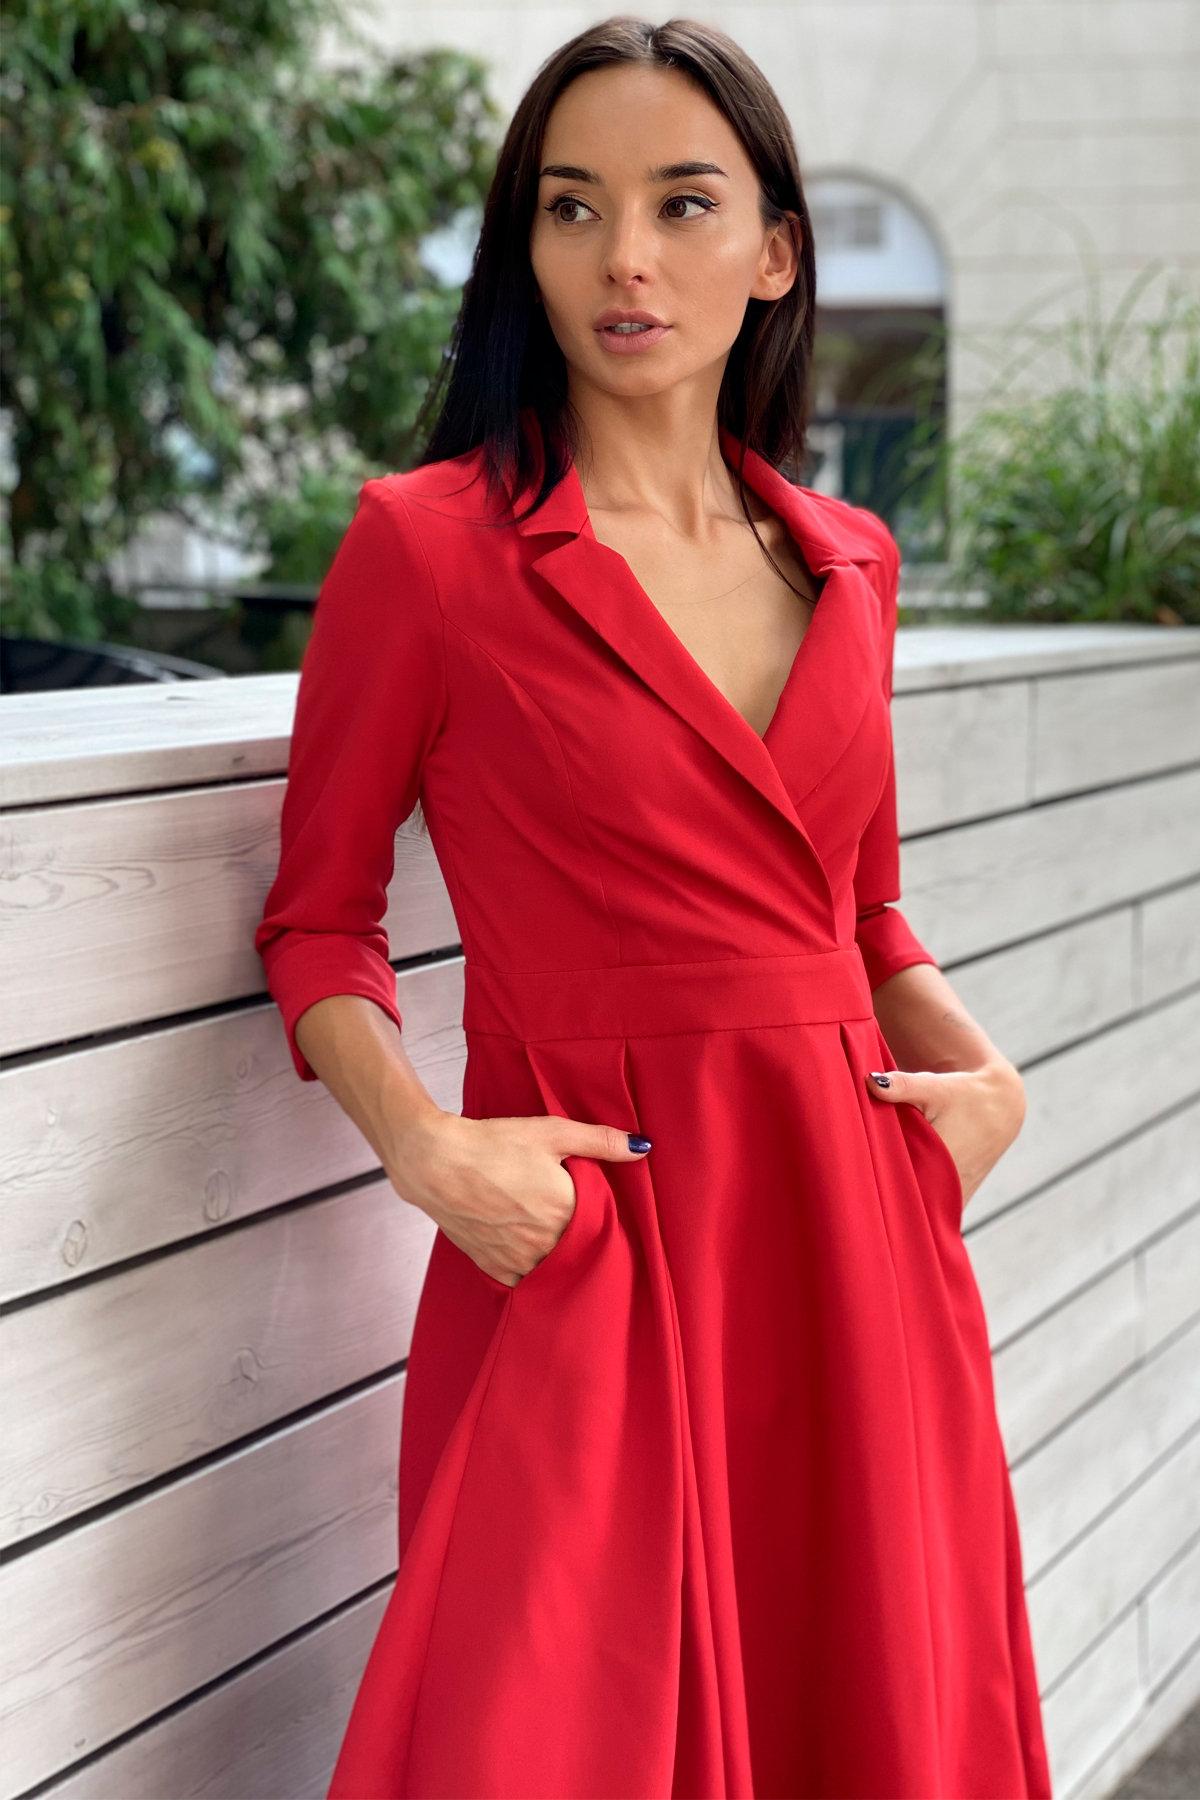 Платье в офис Артего 7832 АРТ. 43767 Цвет: Красный 4 - фото 8, интернет магазин tm-modus.ru